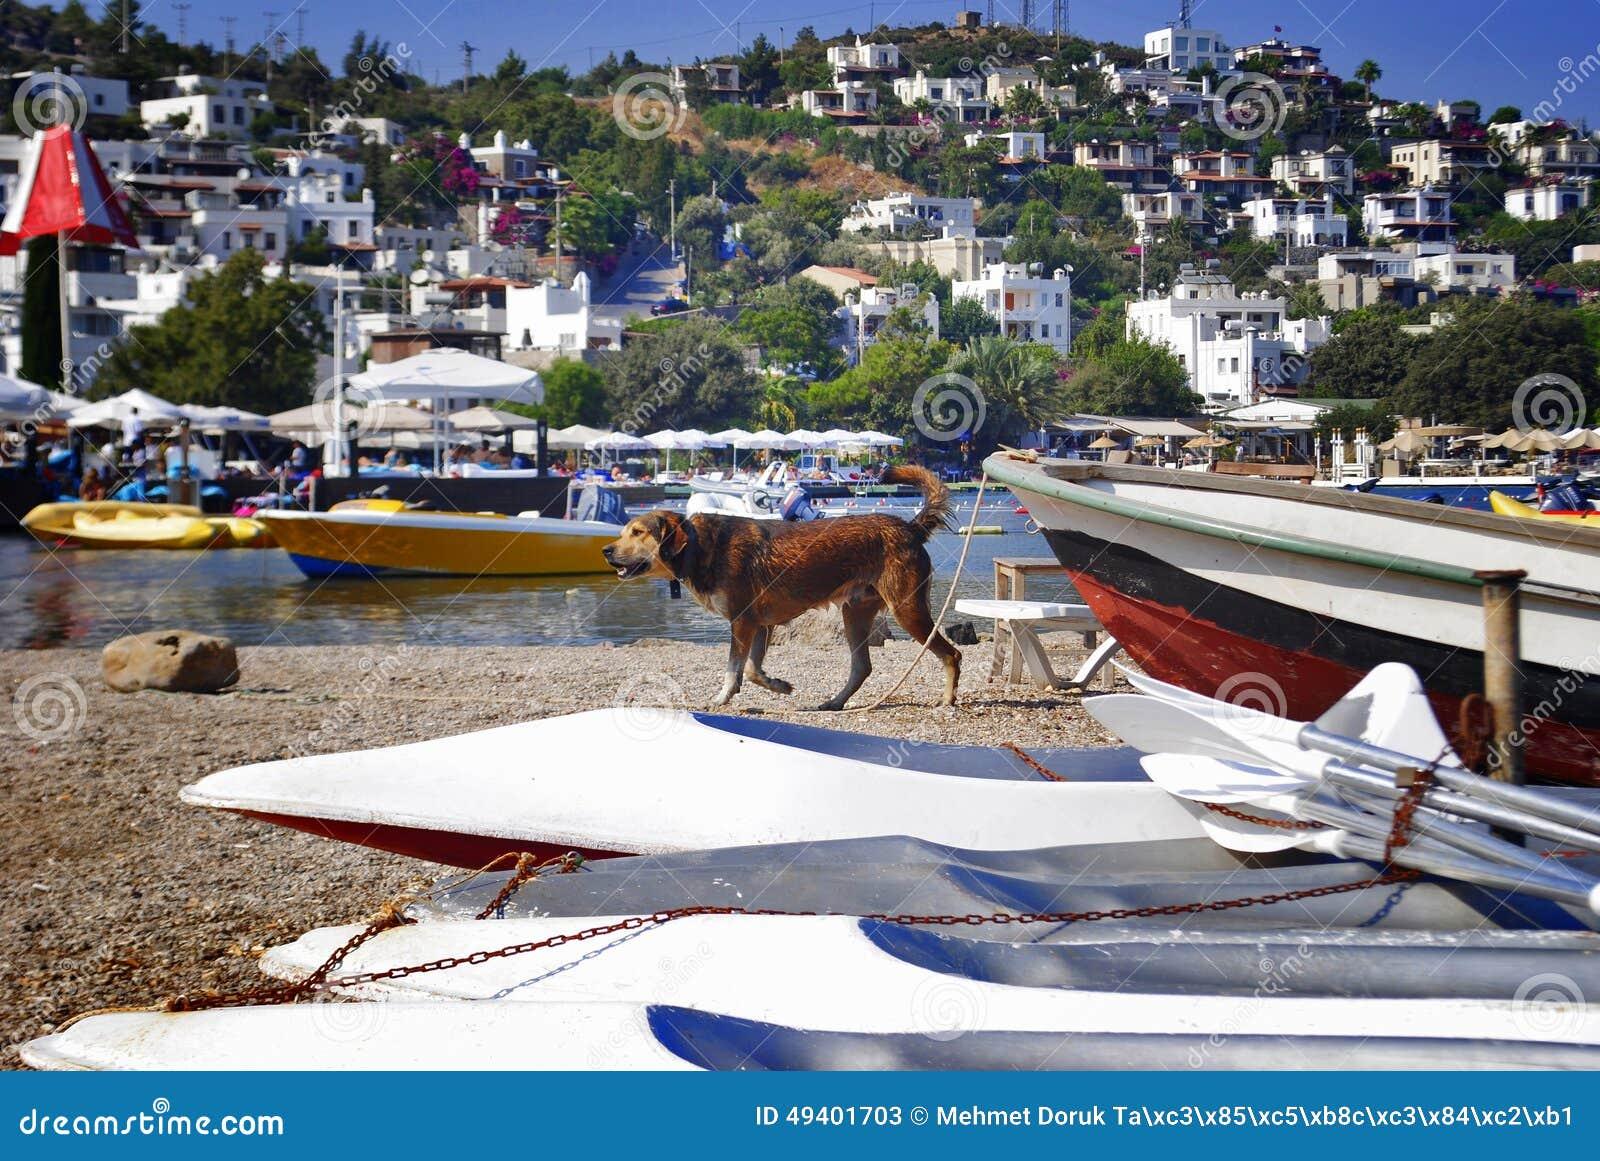 Download Hund erhält naß stockbild. Bild von ozean, schauen, draußen - 49401703